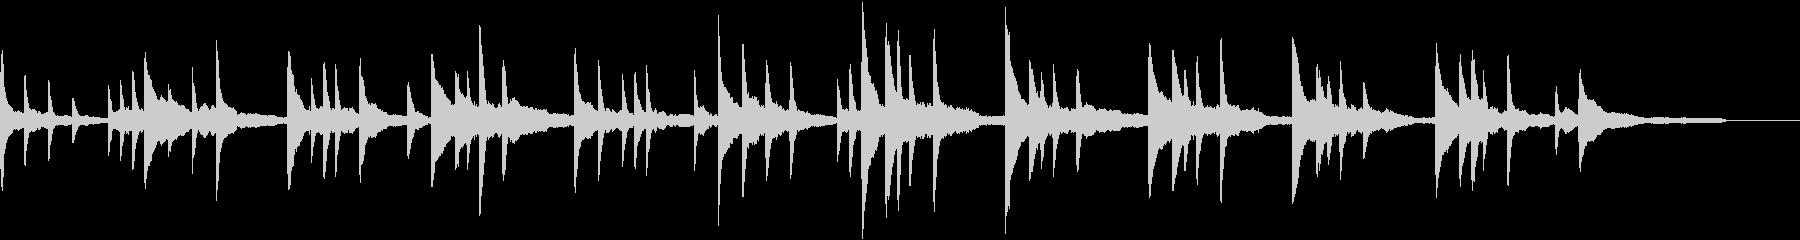 静かな映像向けの静寂な1分弱のピアノ曲の未再生の波形